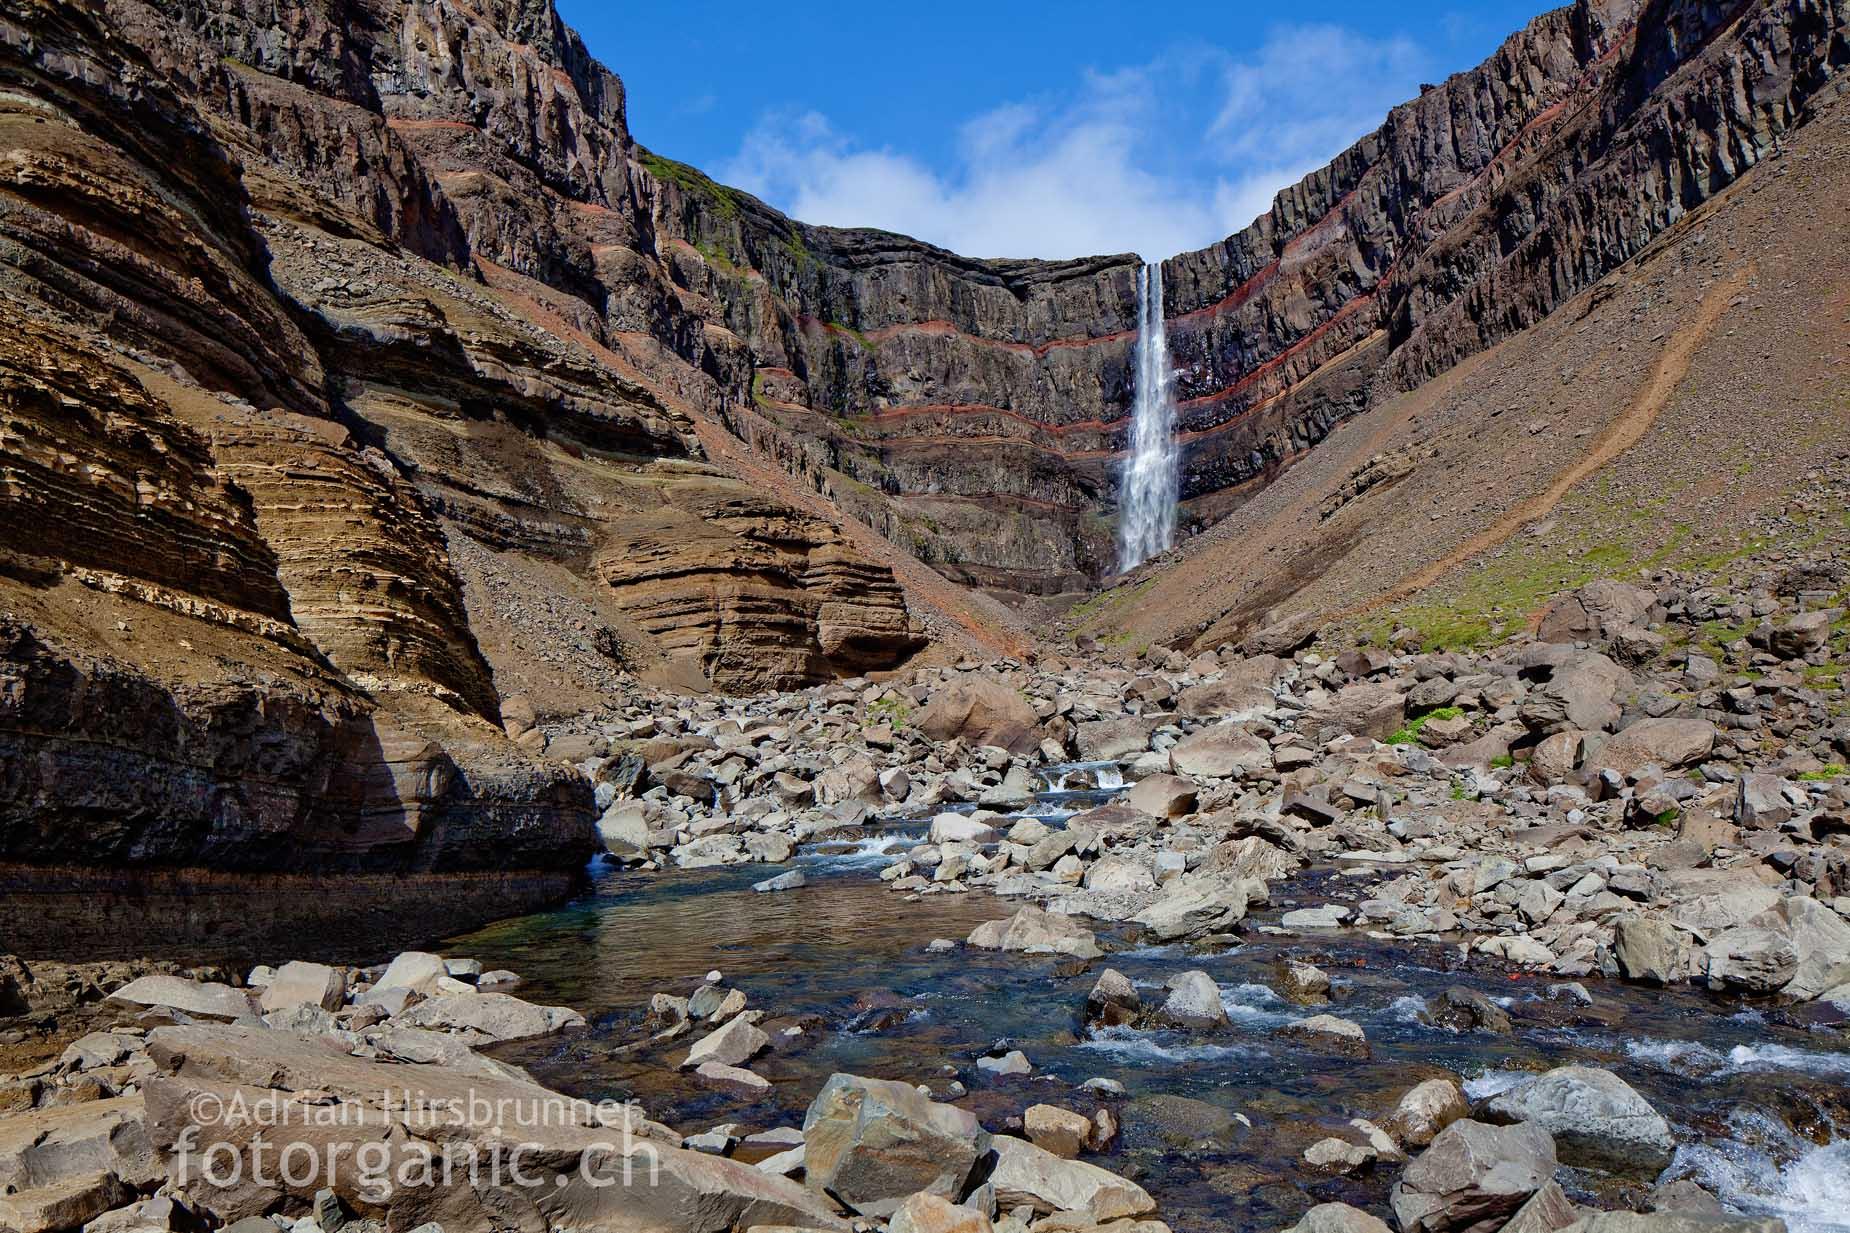 Die Schönheit des vierthöchsten Wasserfalls Islands liegt vor allem im leuchtend roten, lehmigen Sedimentgestein begründet.